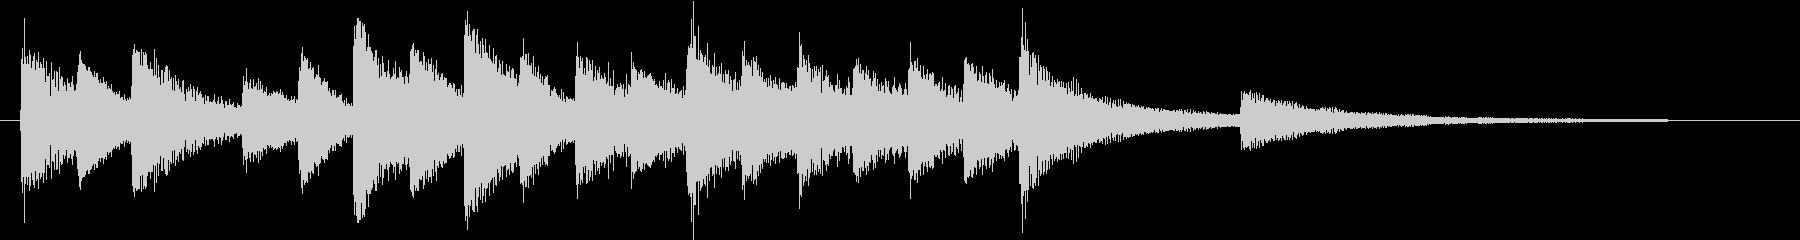 童謡・赤とんぼモチーフのピアノジングルCの未再生の波形